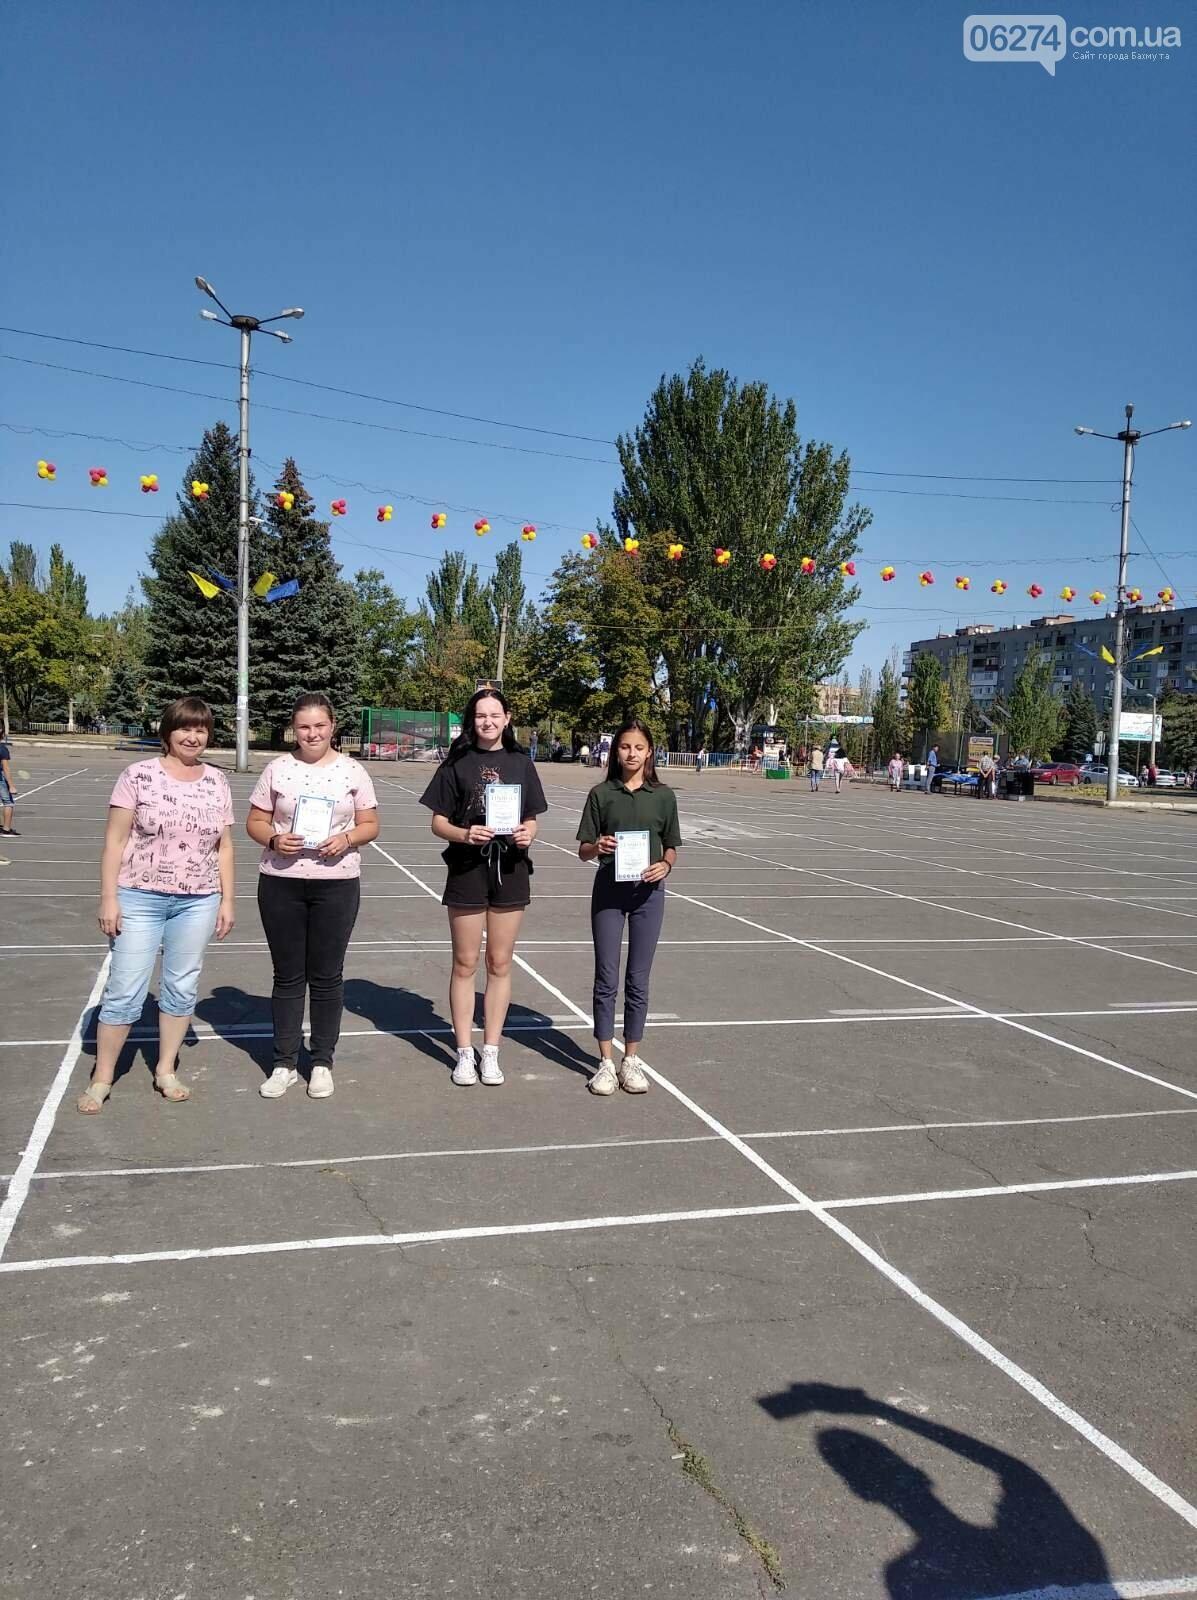 В Дружковке состоялся открытый чемпионат по спортивному ориентированию на дистанциях городского спринта, фото-3